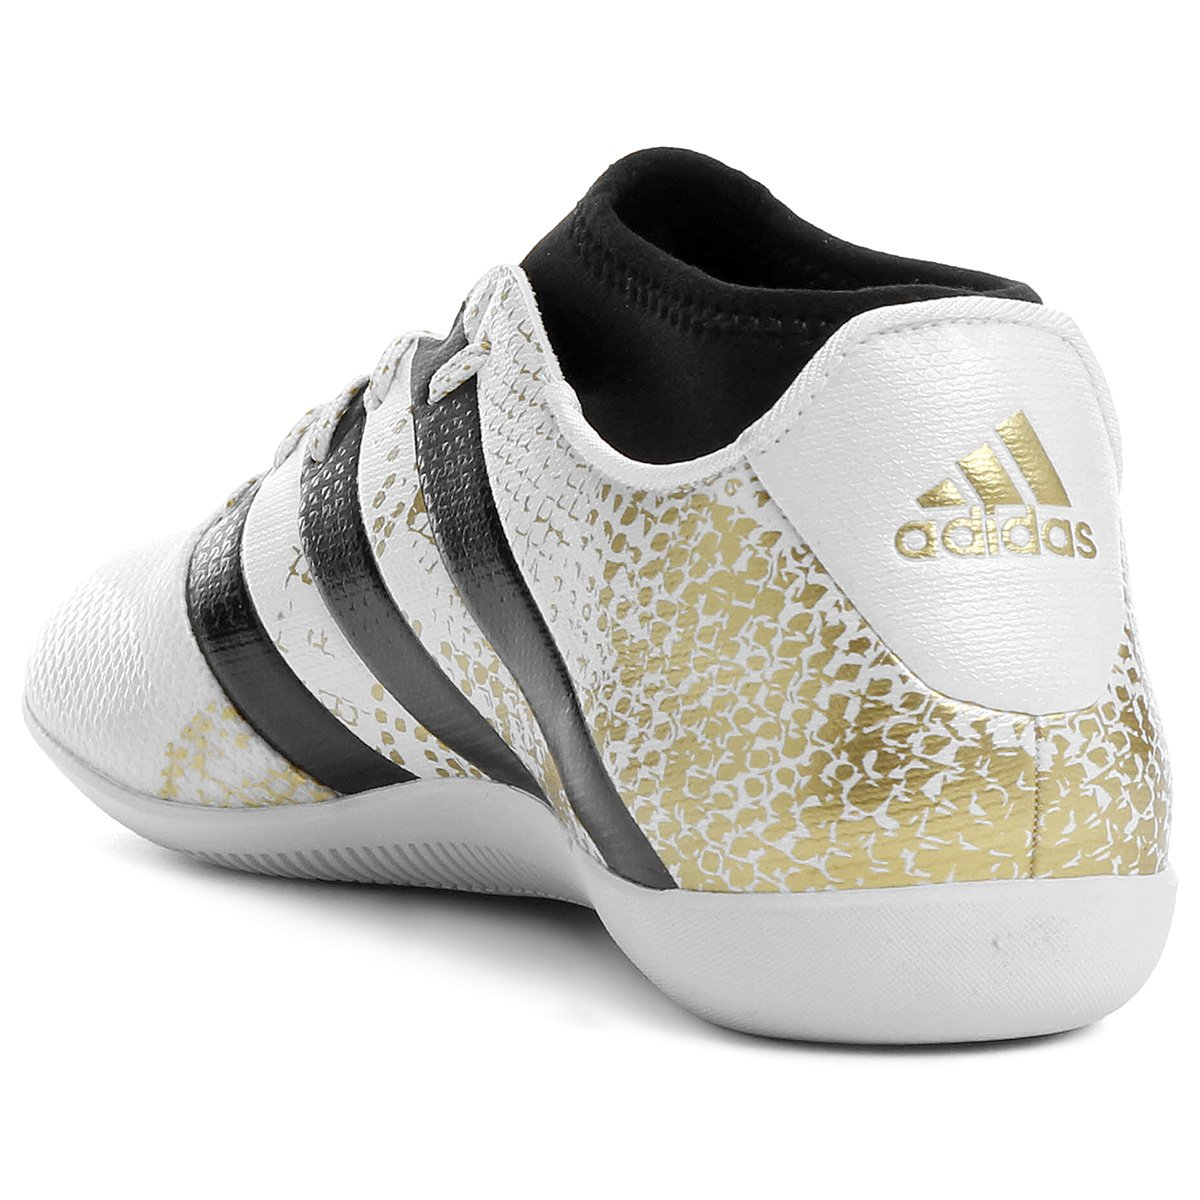 Chuteira Futsal Adidas Ace 16.3 Primemesh IN Masculina - Branco e ... 8e5c3bcffa1ce